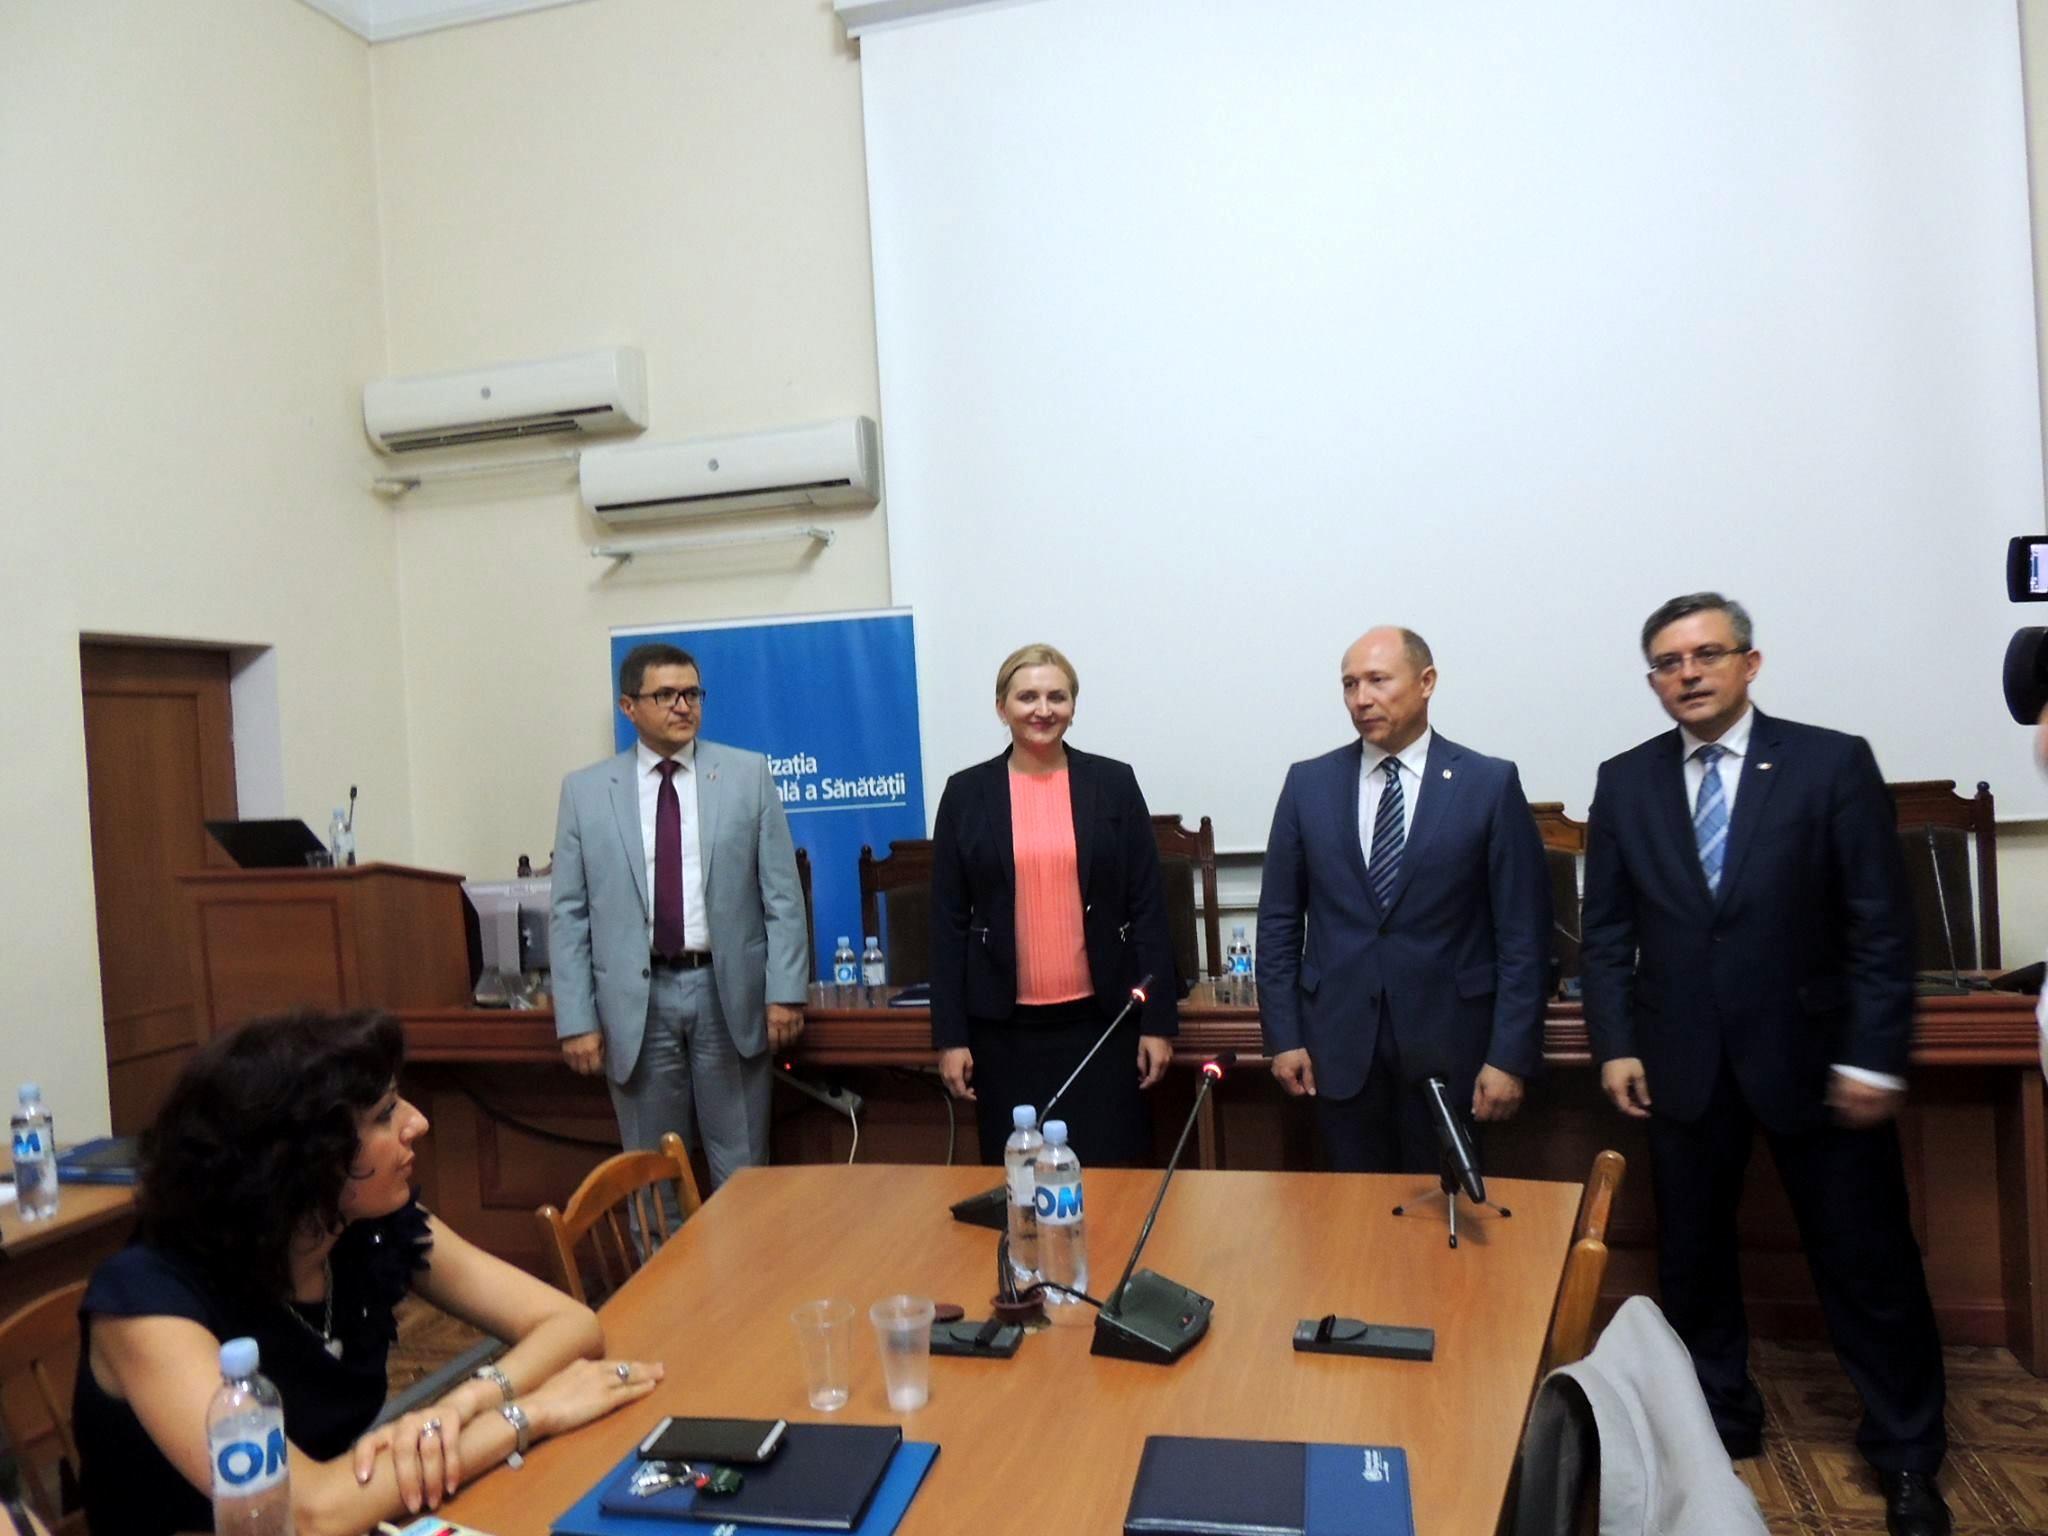 Noul ministru al Sănătăţii: Voi depune tot efortul ca reformele iniţiate să fie realizate şi sper să avem o colaborare frumoasă